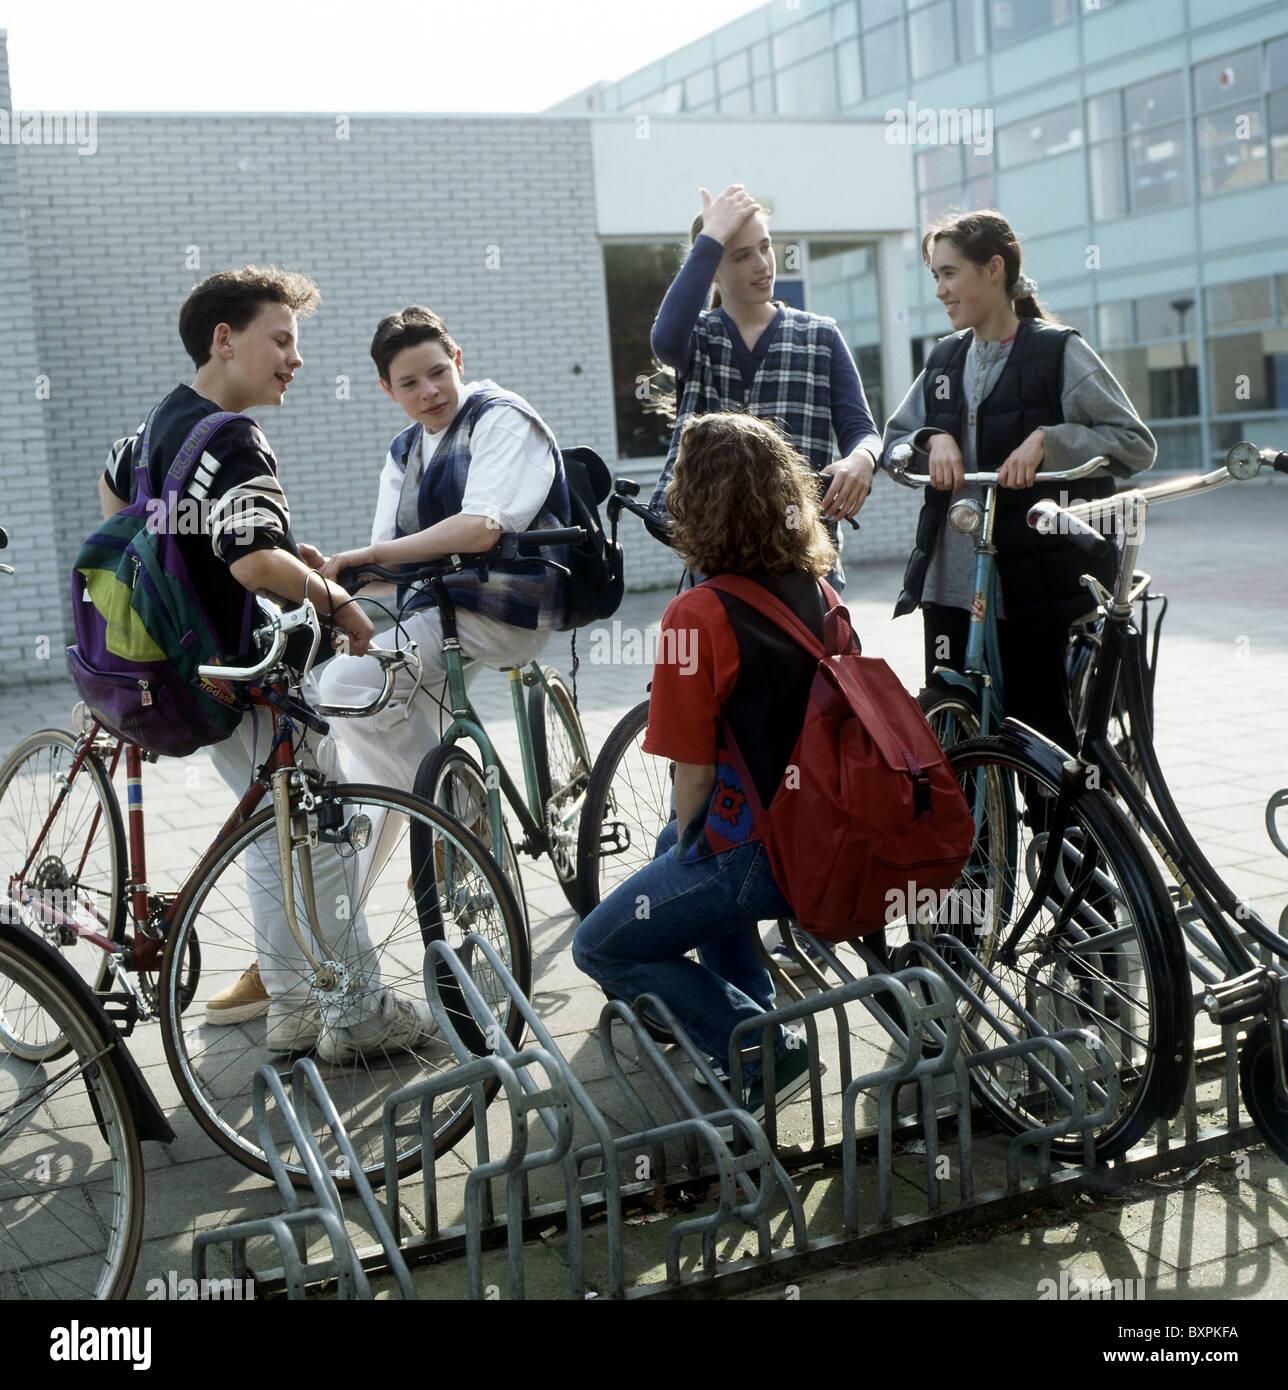 80er - 90er Jahre Jugend: Jugendliche auf Schulhof chatten außerhalb in der Nähe Fahrradverleih parkplatz Stockbild